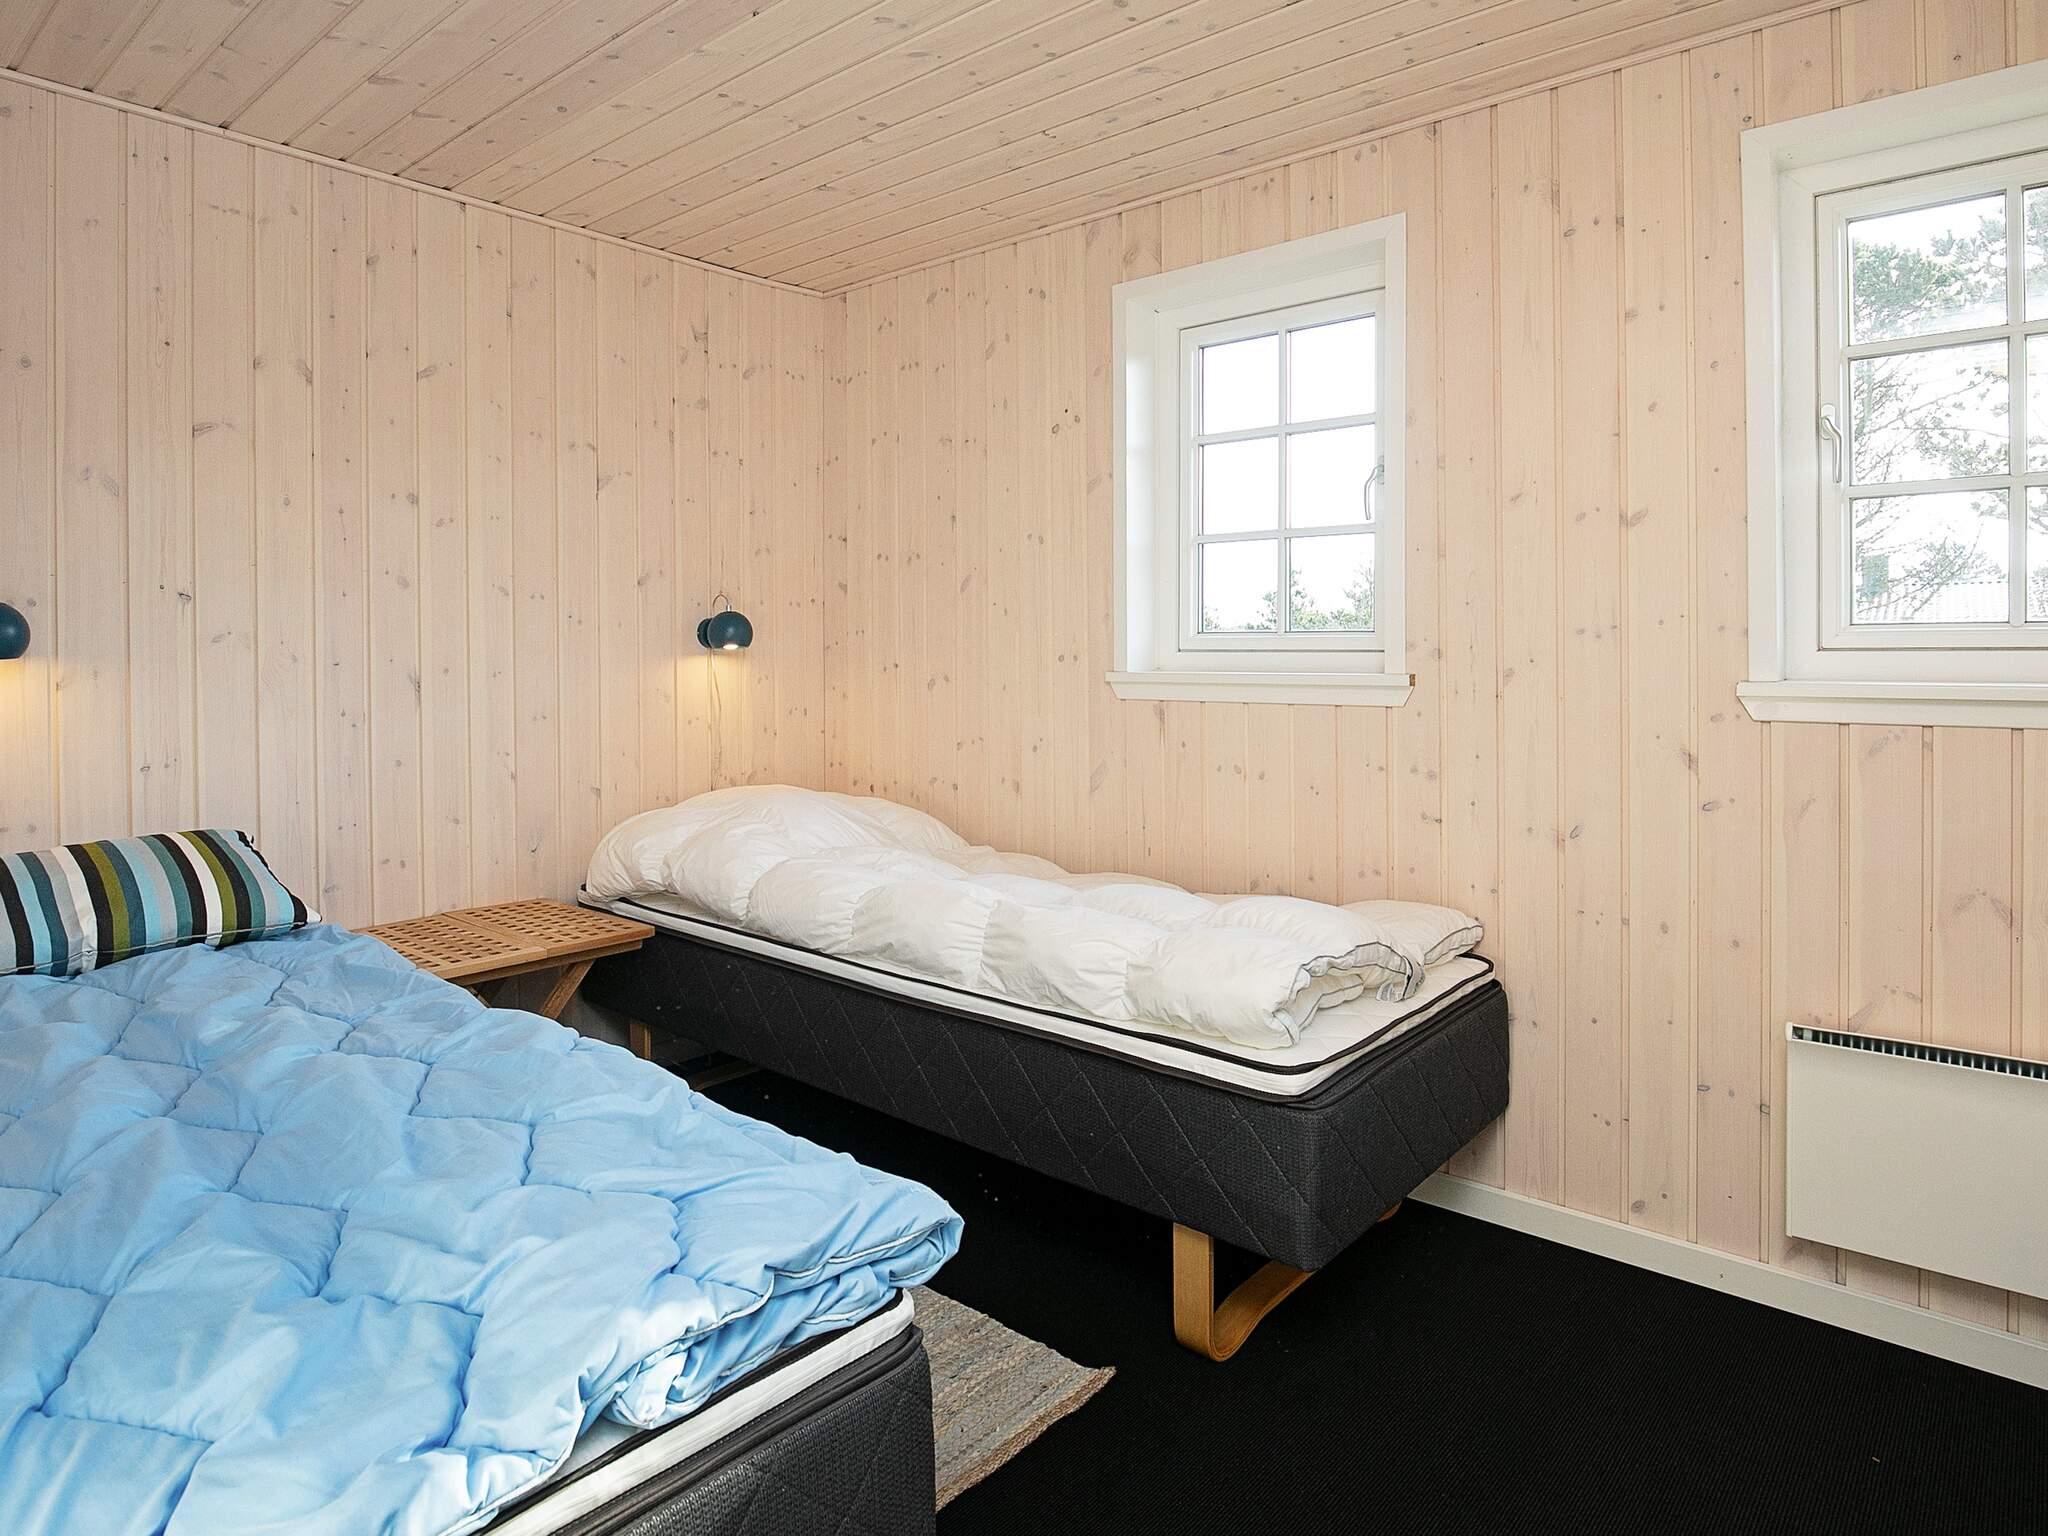 Ferienhaus Grærup (2355574), Grærup, , Westjütland, Dänemark, Bild 11